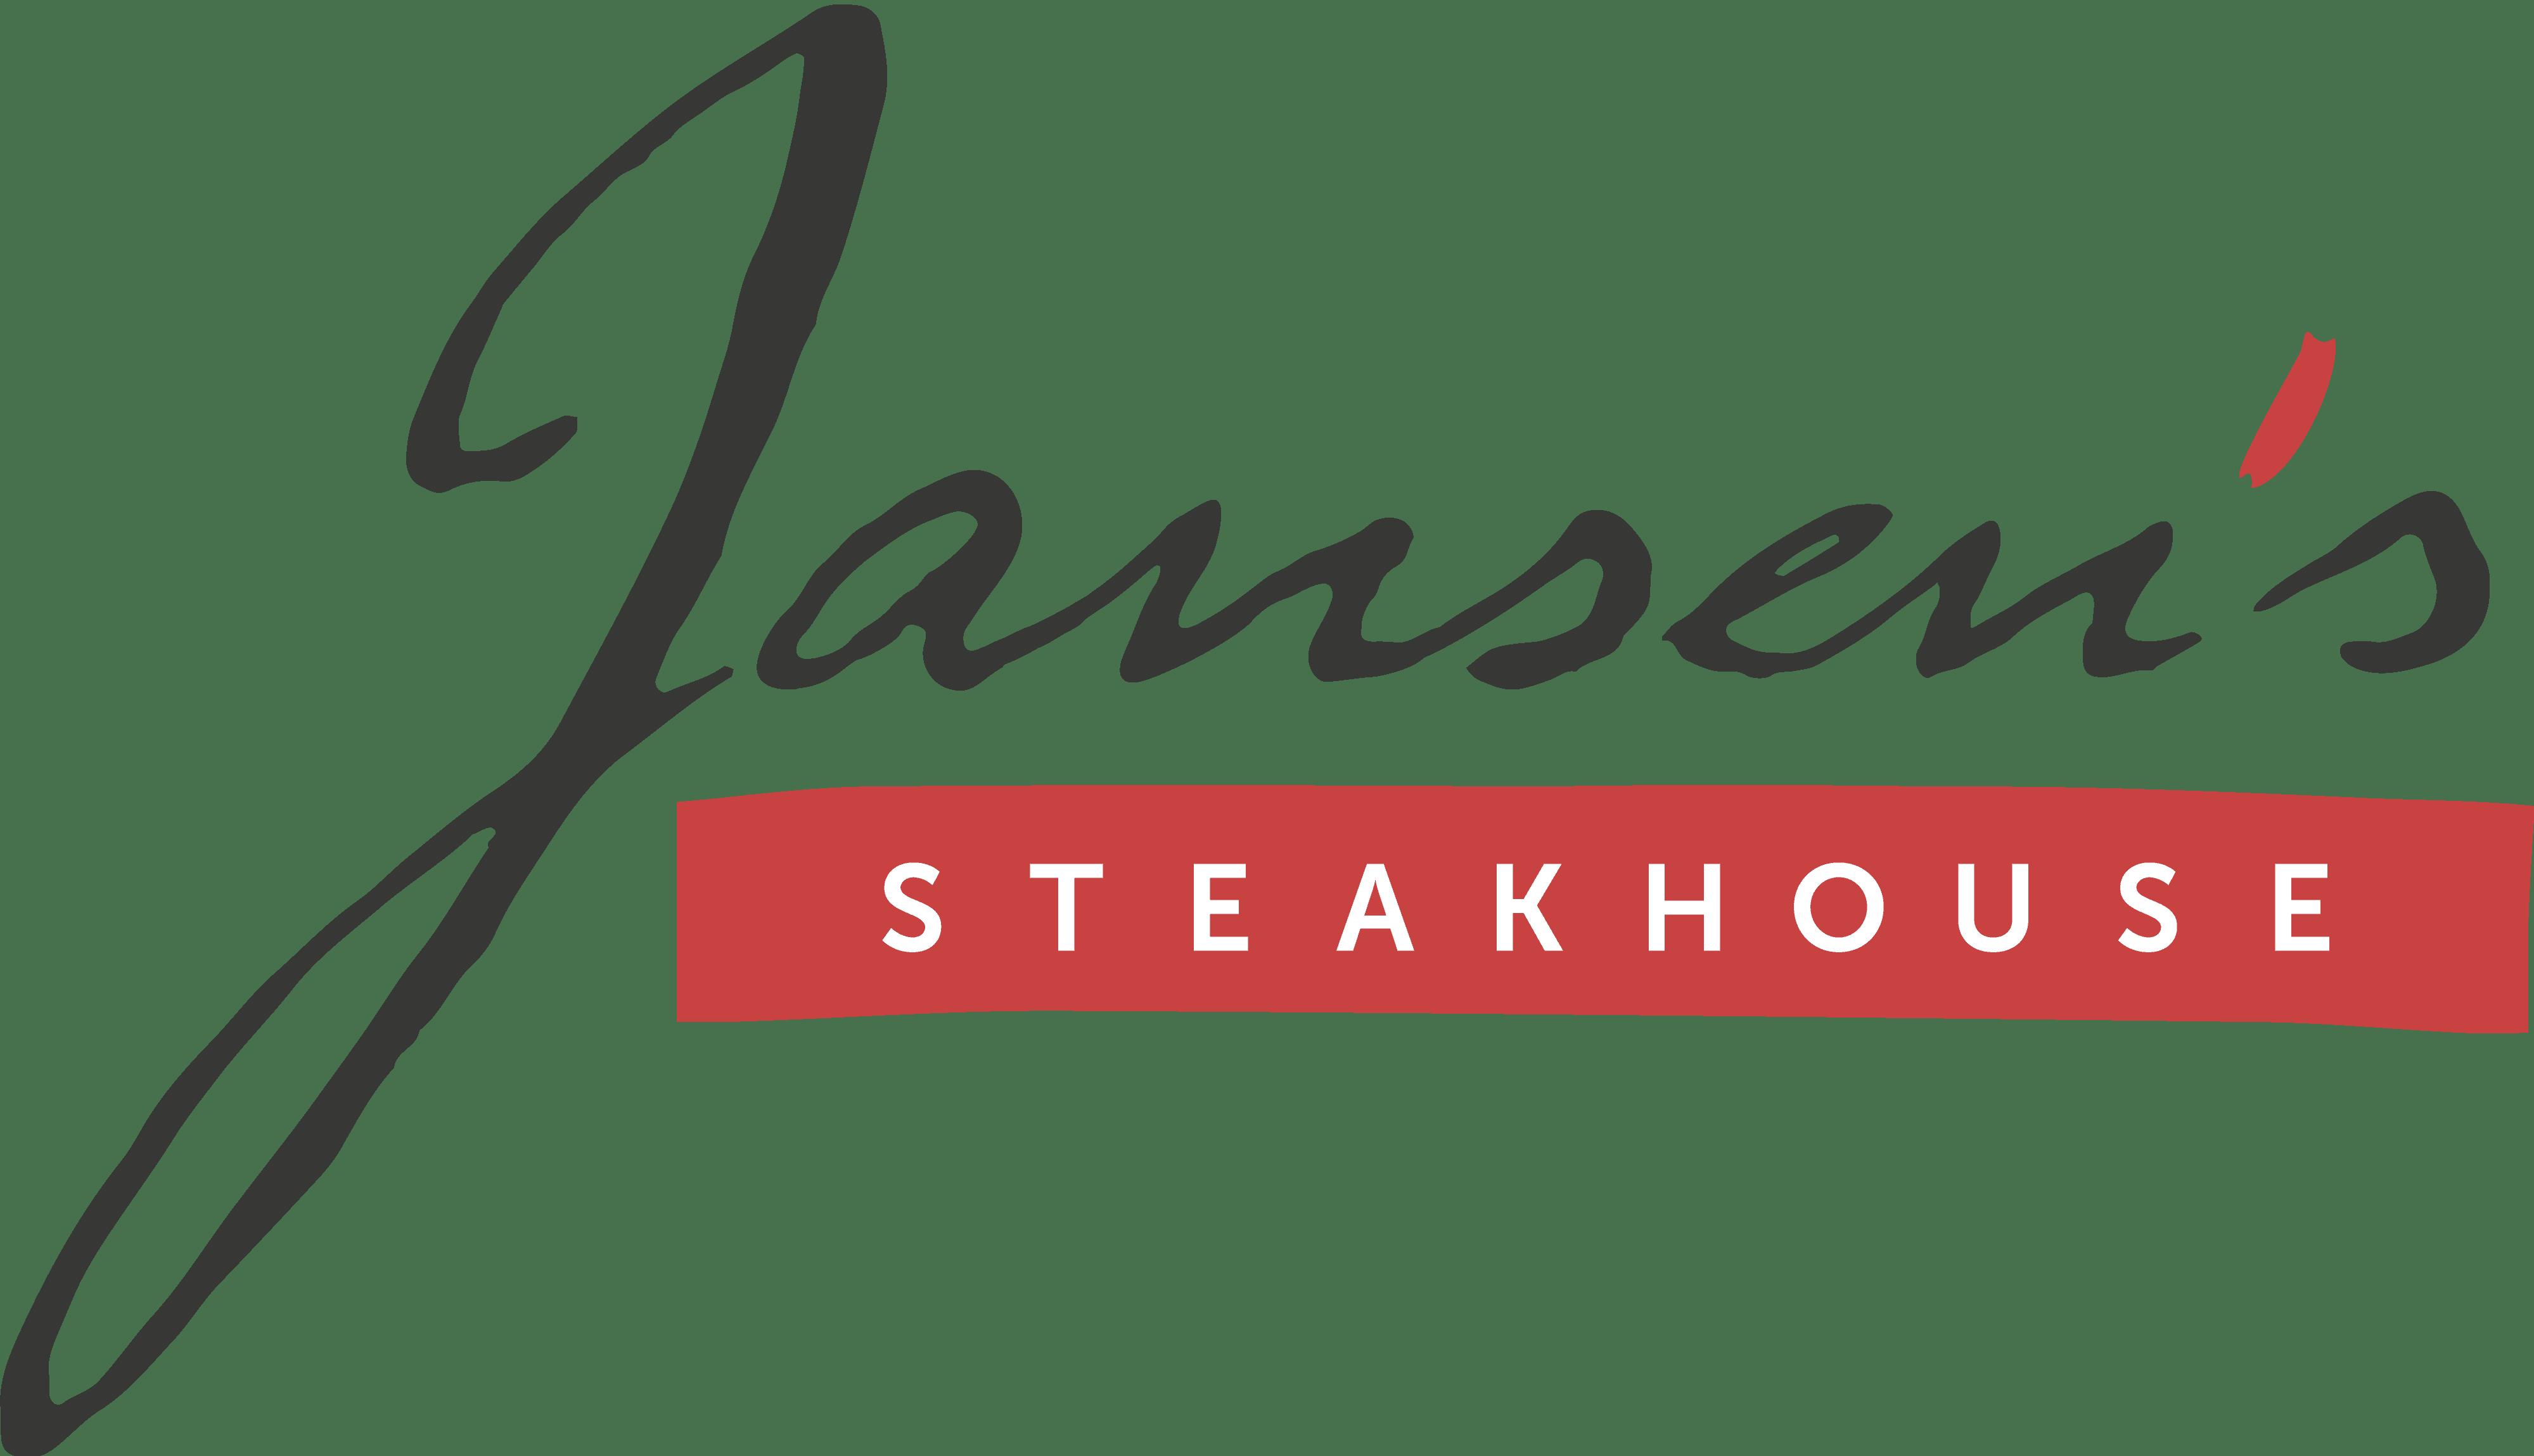 JANSEN'S STEAKHOUSE     Die besten Steaks in Passau